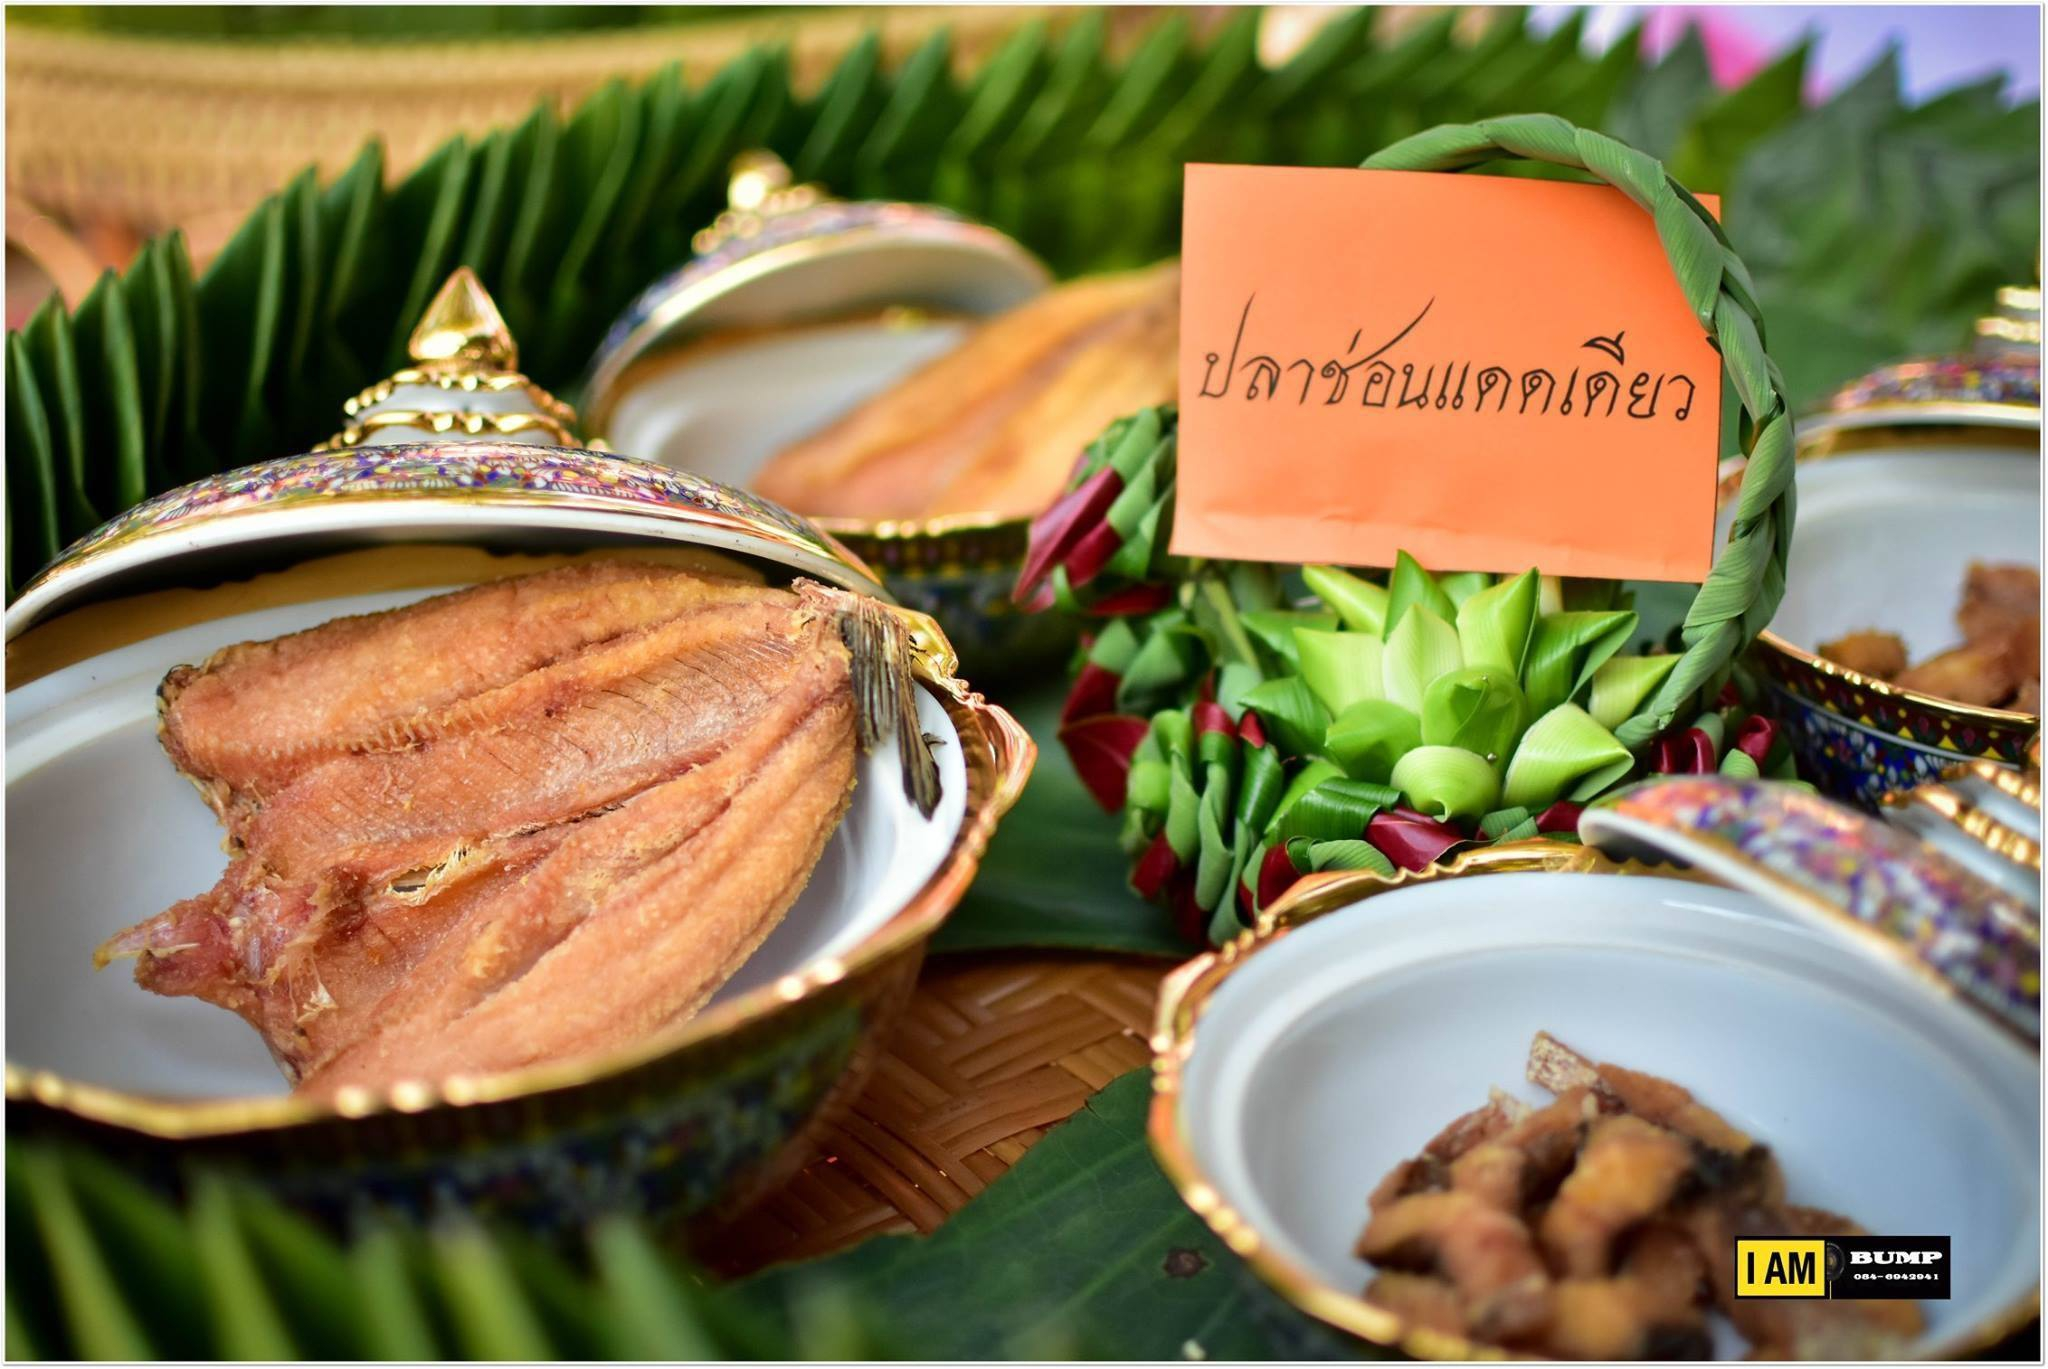 OTOP นวัตวิถี ณ สิงห์บุรี : ชมวิถีไทยพวน ชวนไหว้พระพุทธมงคลมุนีศิลาที่บ้านโภคาภิวัฒน์